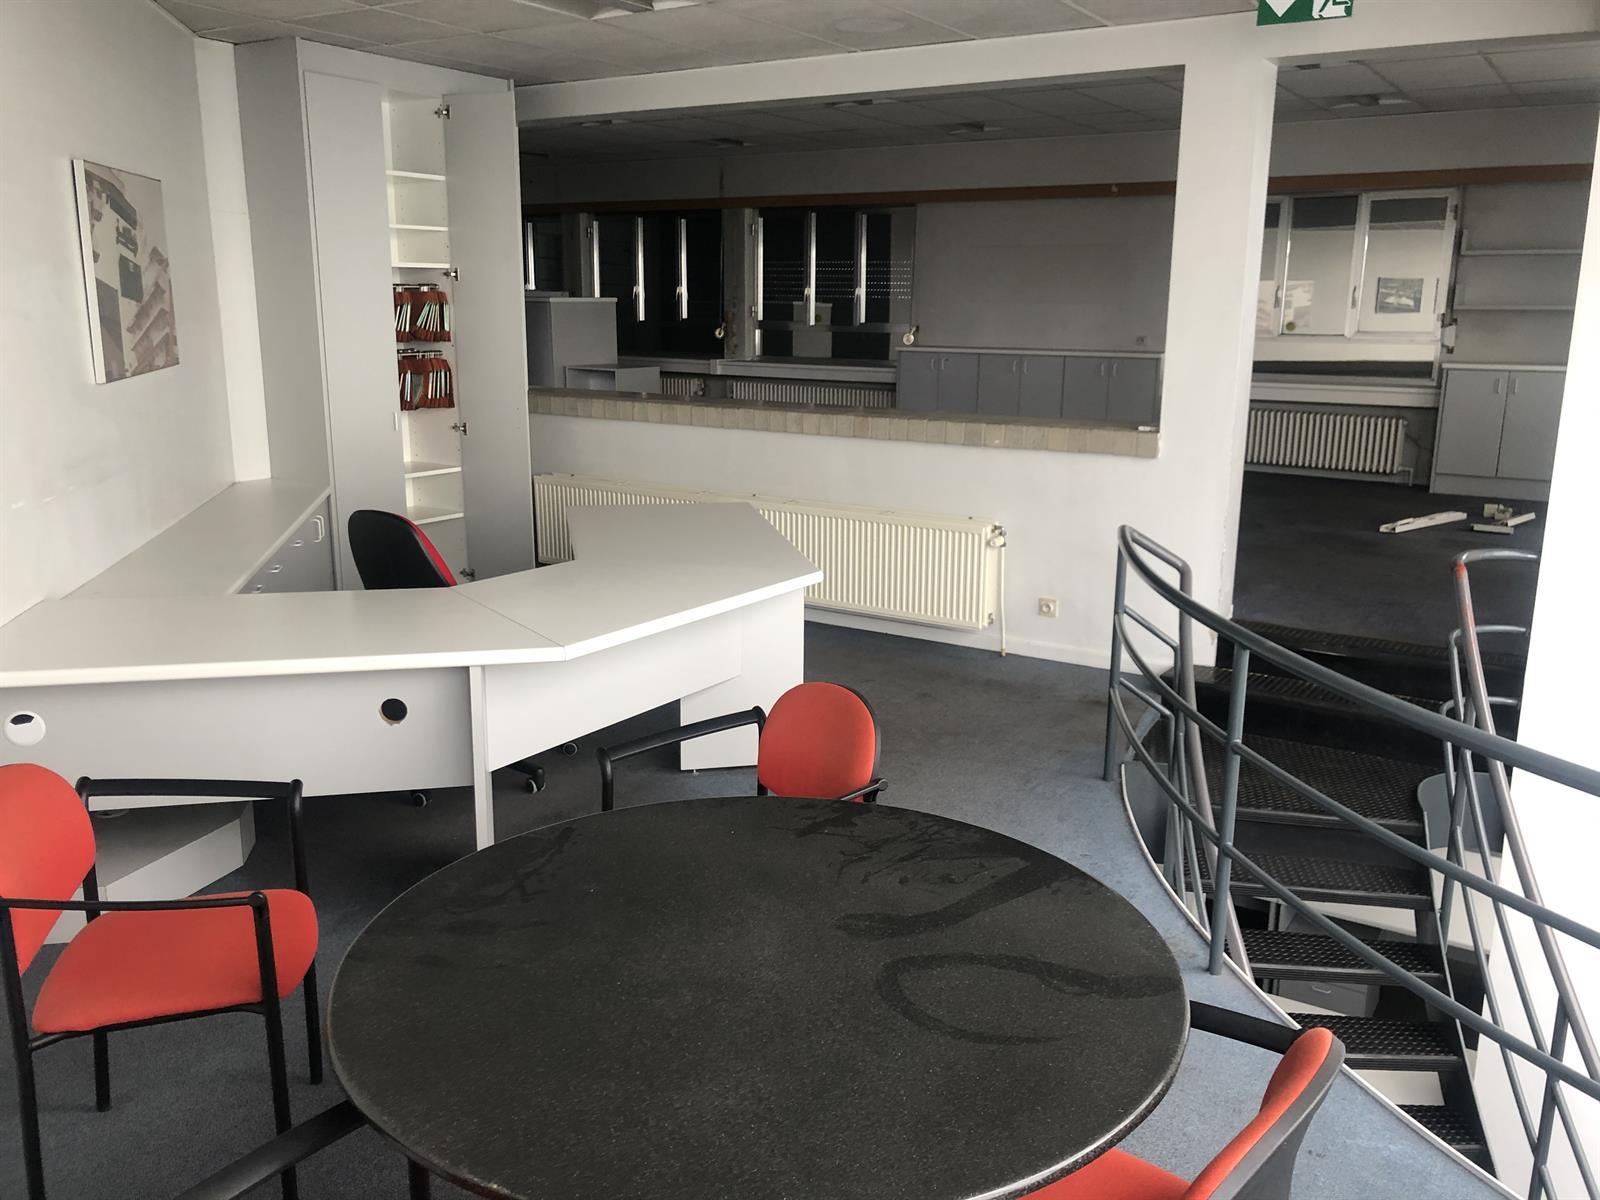 kantoor te huur K001 - Wilmarsdonksteenweg 11, 2030 Antwerpen, België 2